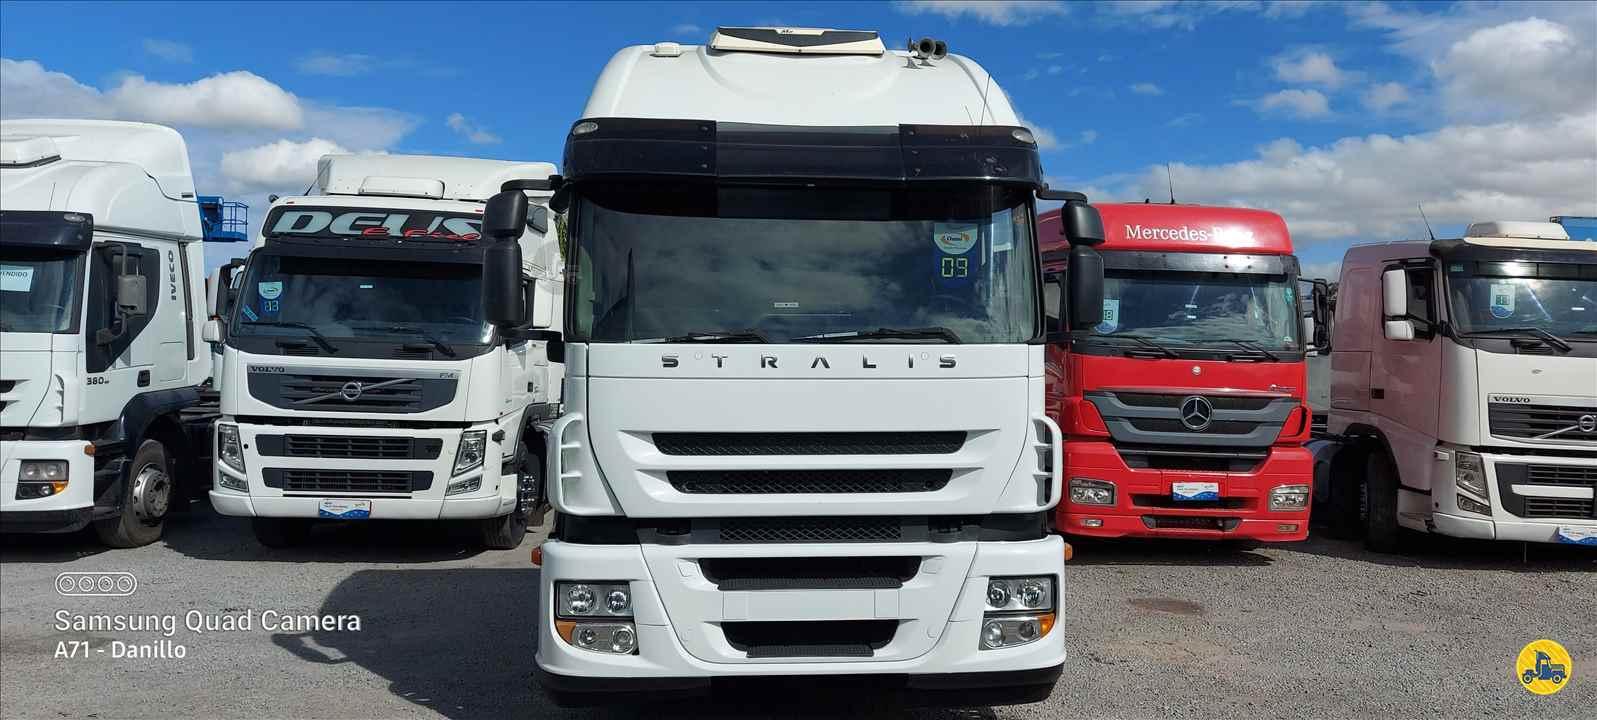 CAMINHAO IVECO STRALIS 420 Cavalo Mecânico Truck 6x2 13 de Maio Caminhões BETIM MINAS GERAIS MG